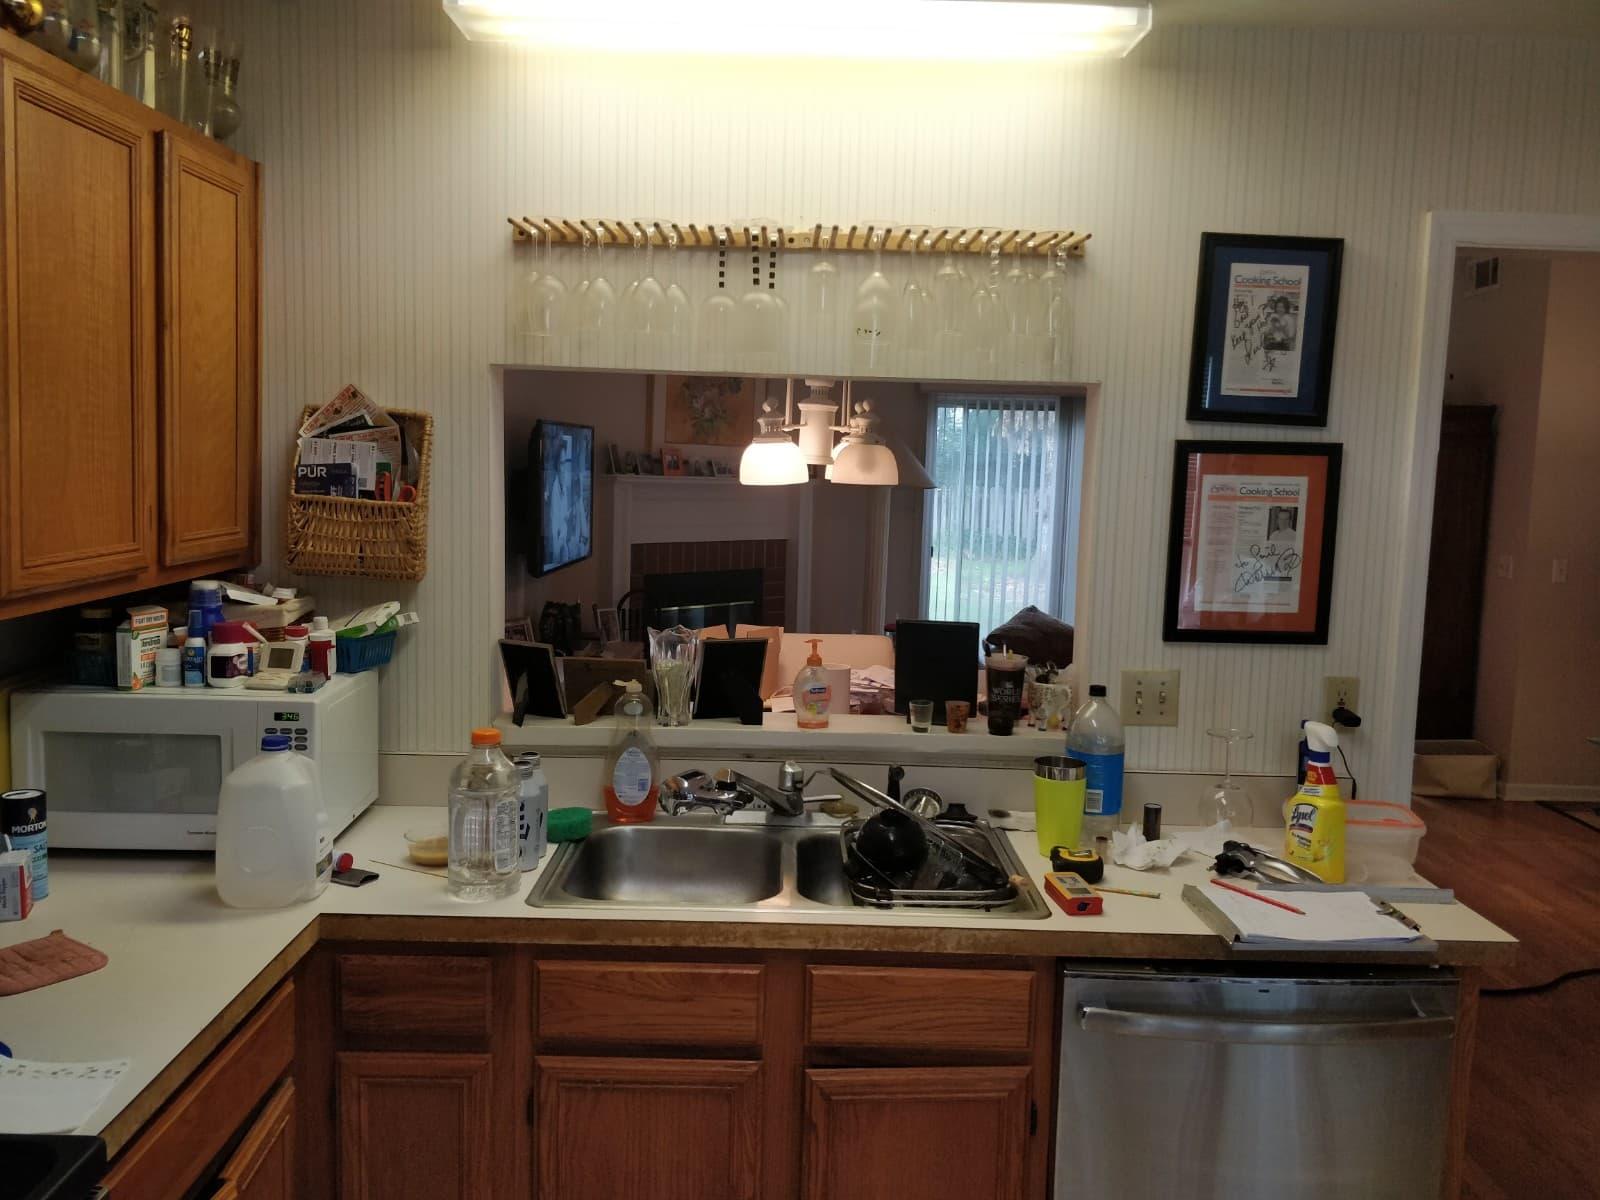 Kitchen remodel backsplash tile